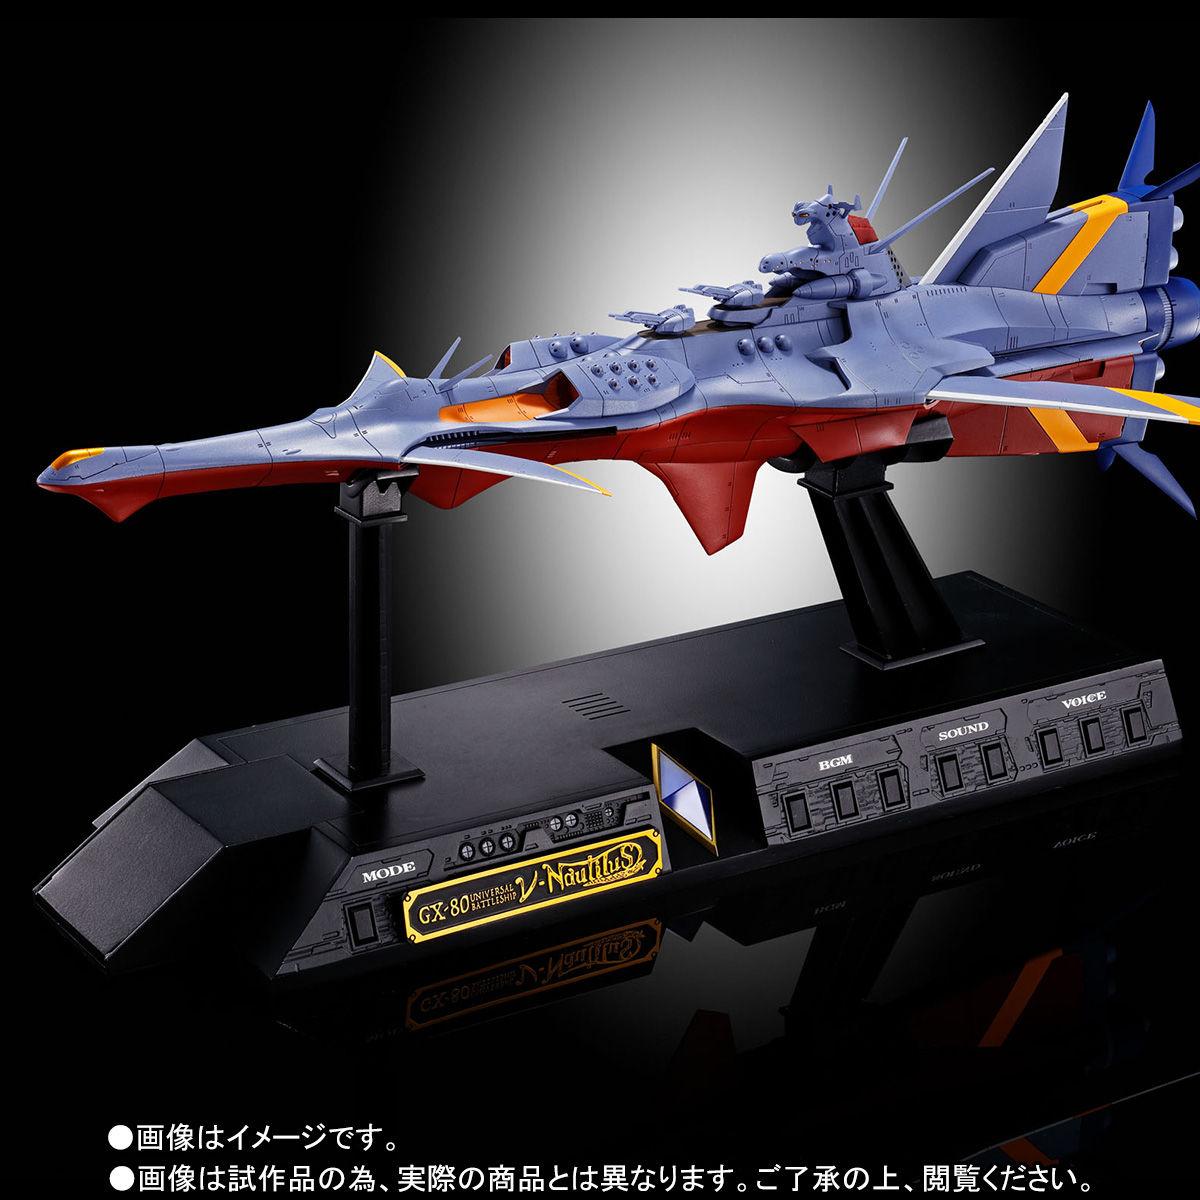 超合金魂 GX-80 万能戦艦 Ν-ノーチラス号(通常版)-001